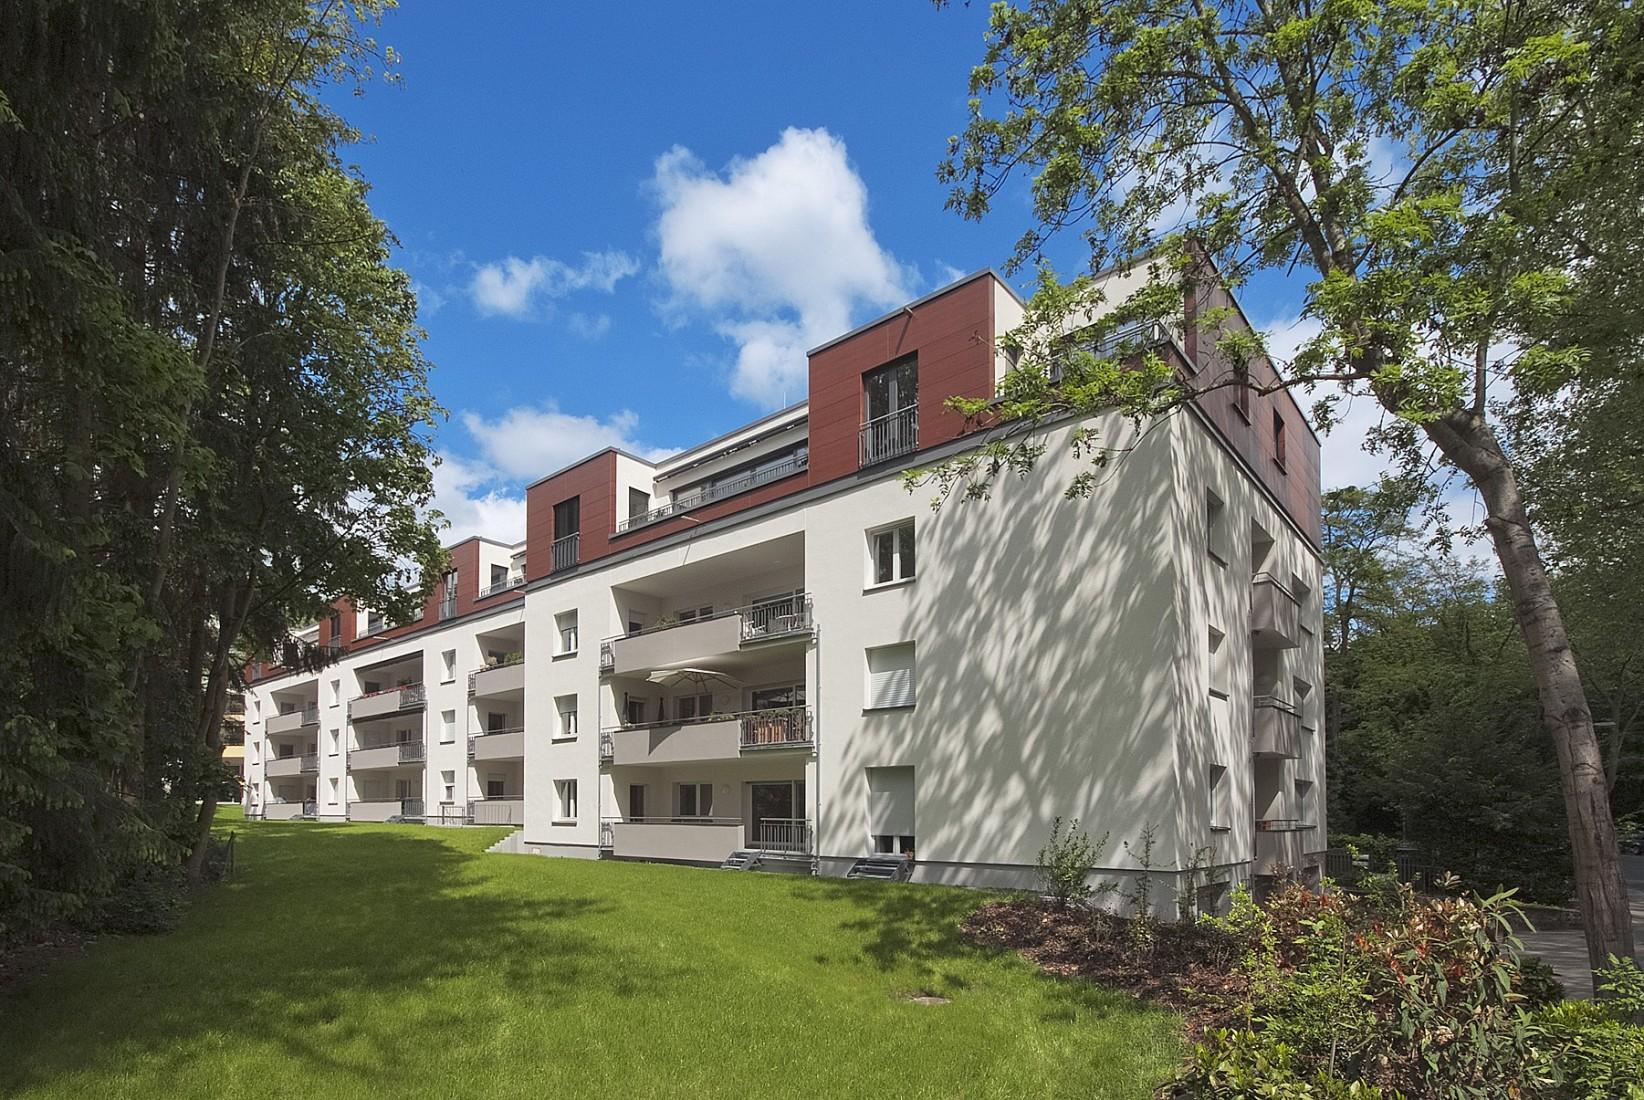 Dachaufstockungen (Teil 1): Potenzial für mehr Wohnraum